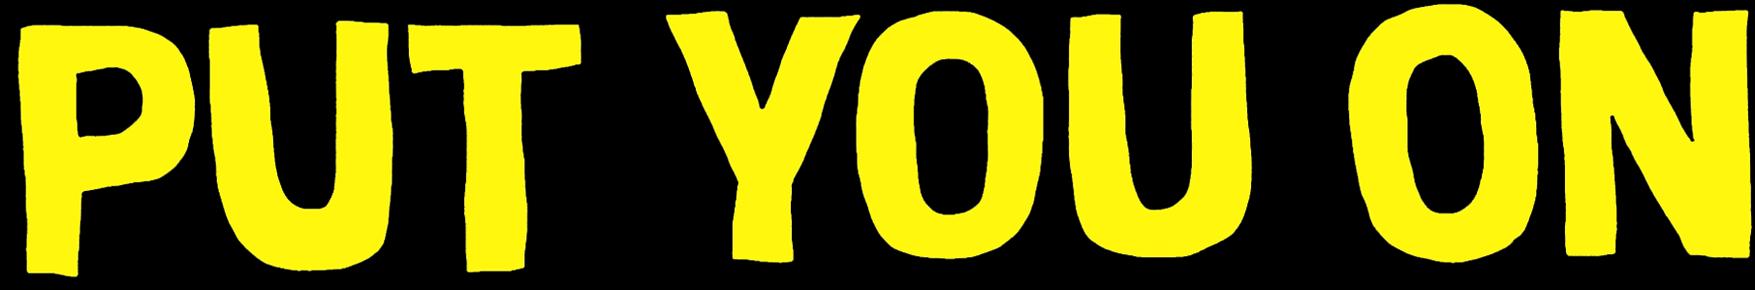 putyouon-slug-agency.png